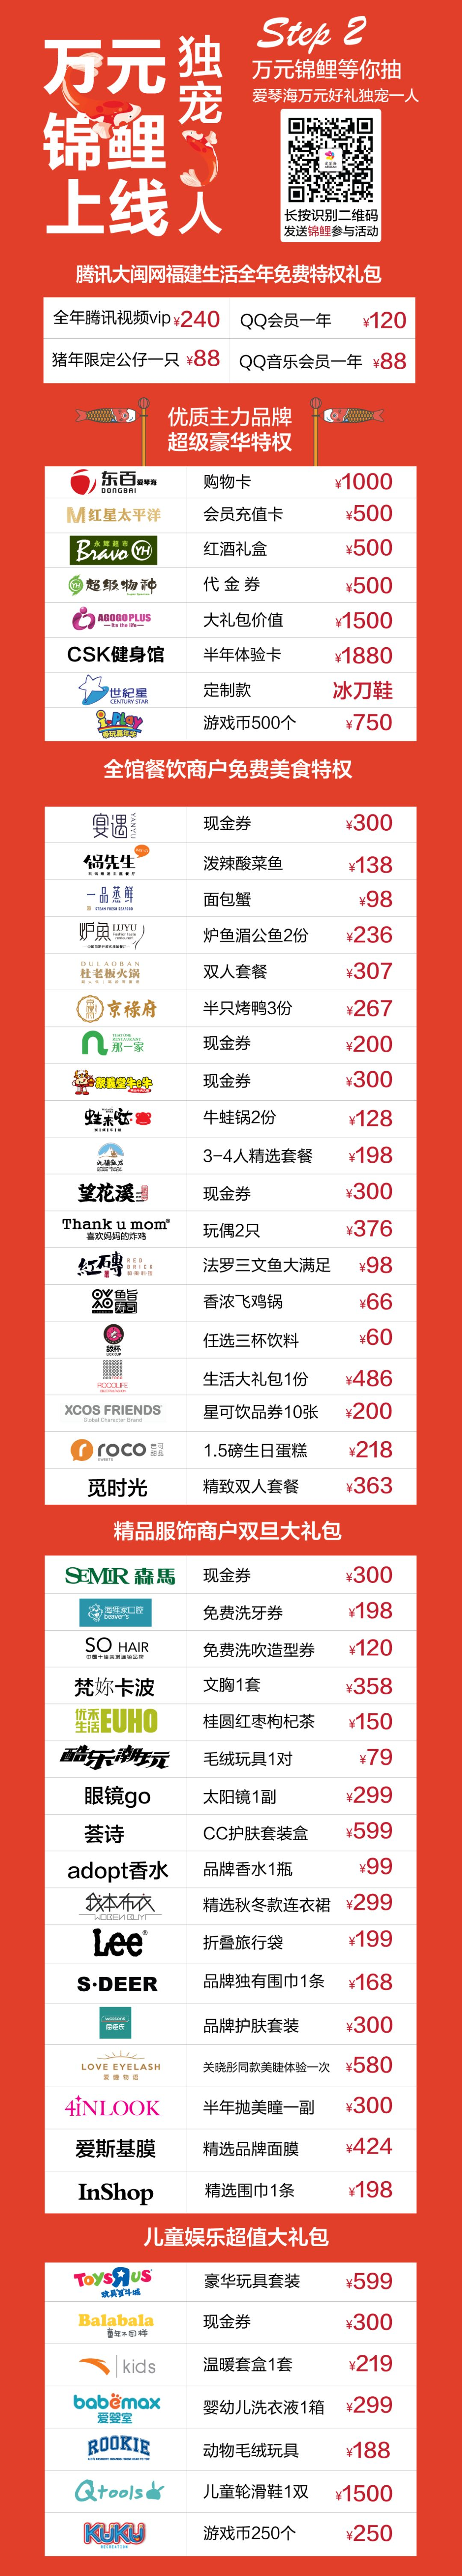 2019年福州仓山爱琴海购物公园元旦跨年活动